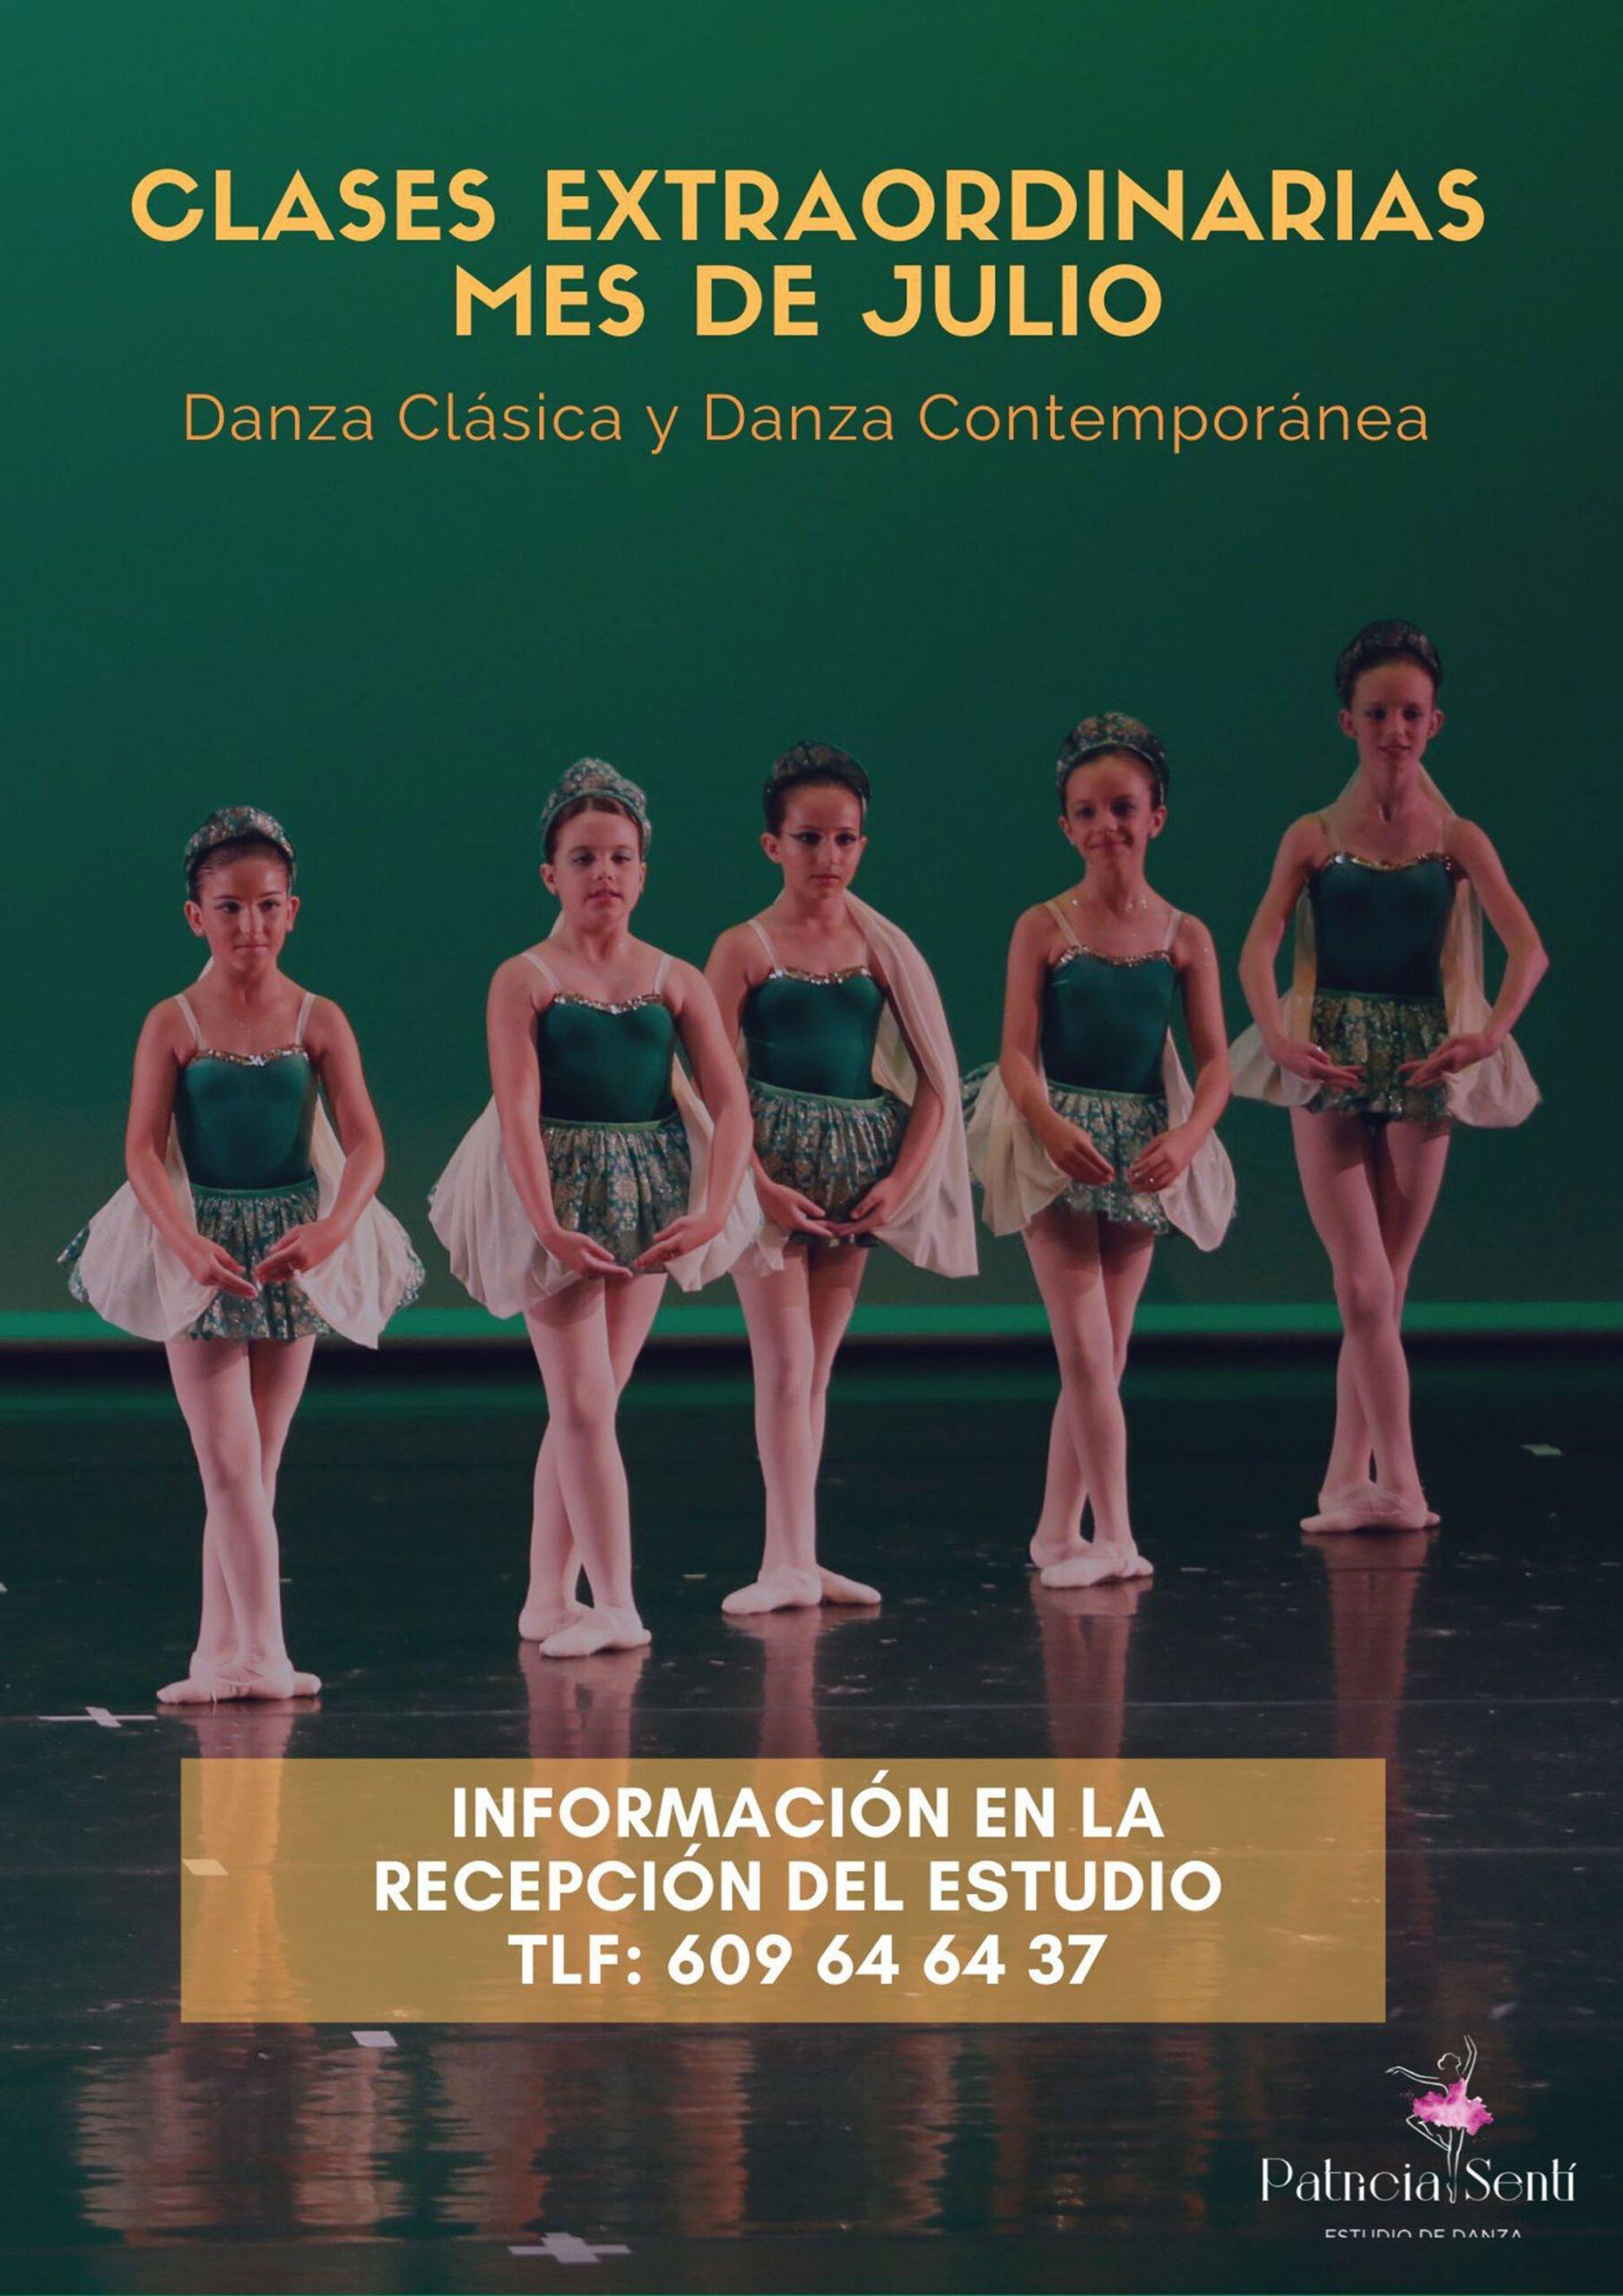 Clases en el mes de julio de danza clásica y contemporánea en Estudio de Danza Patricia Sentí